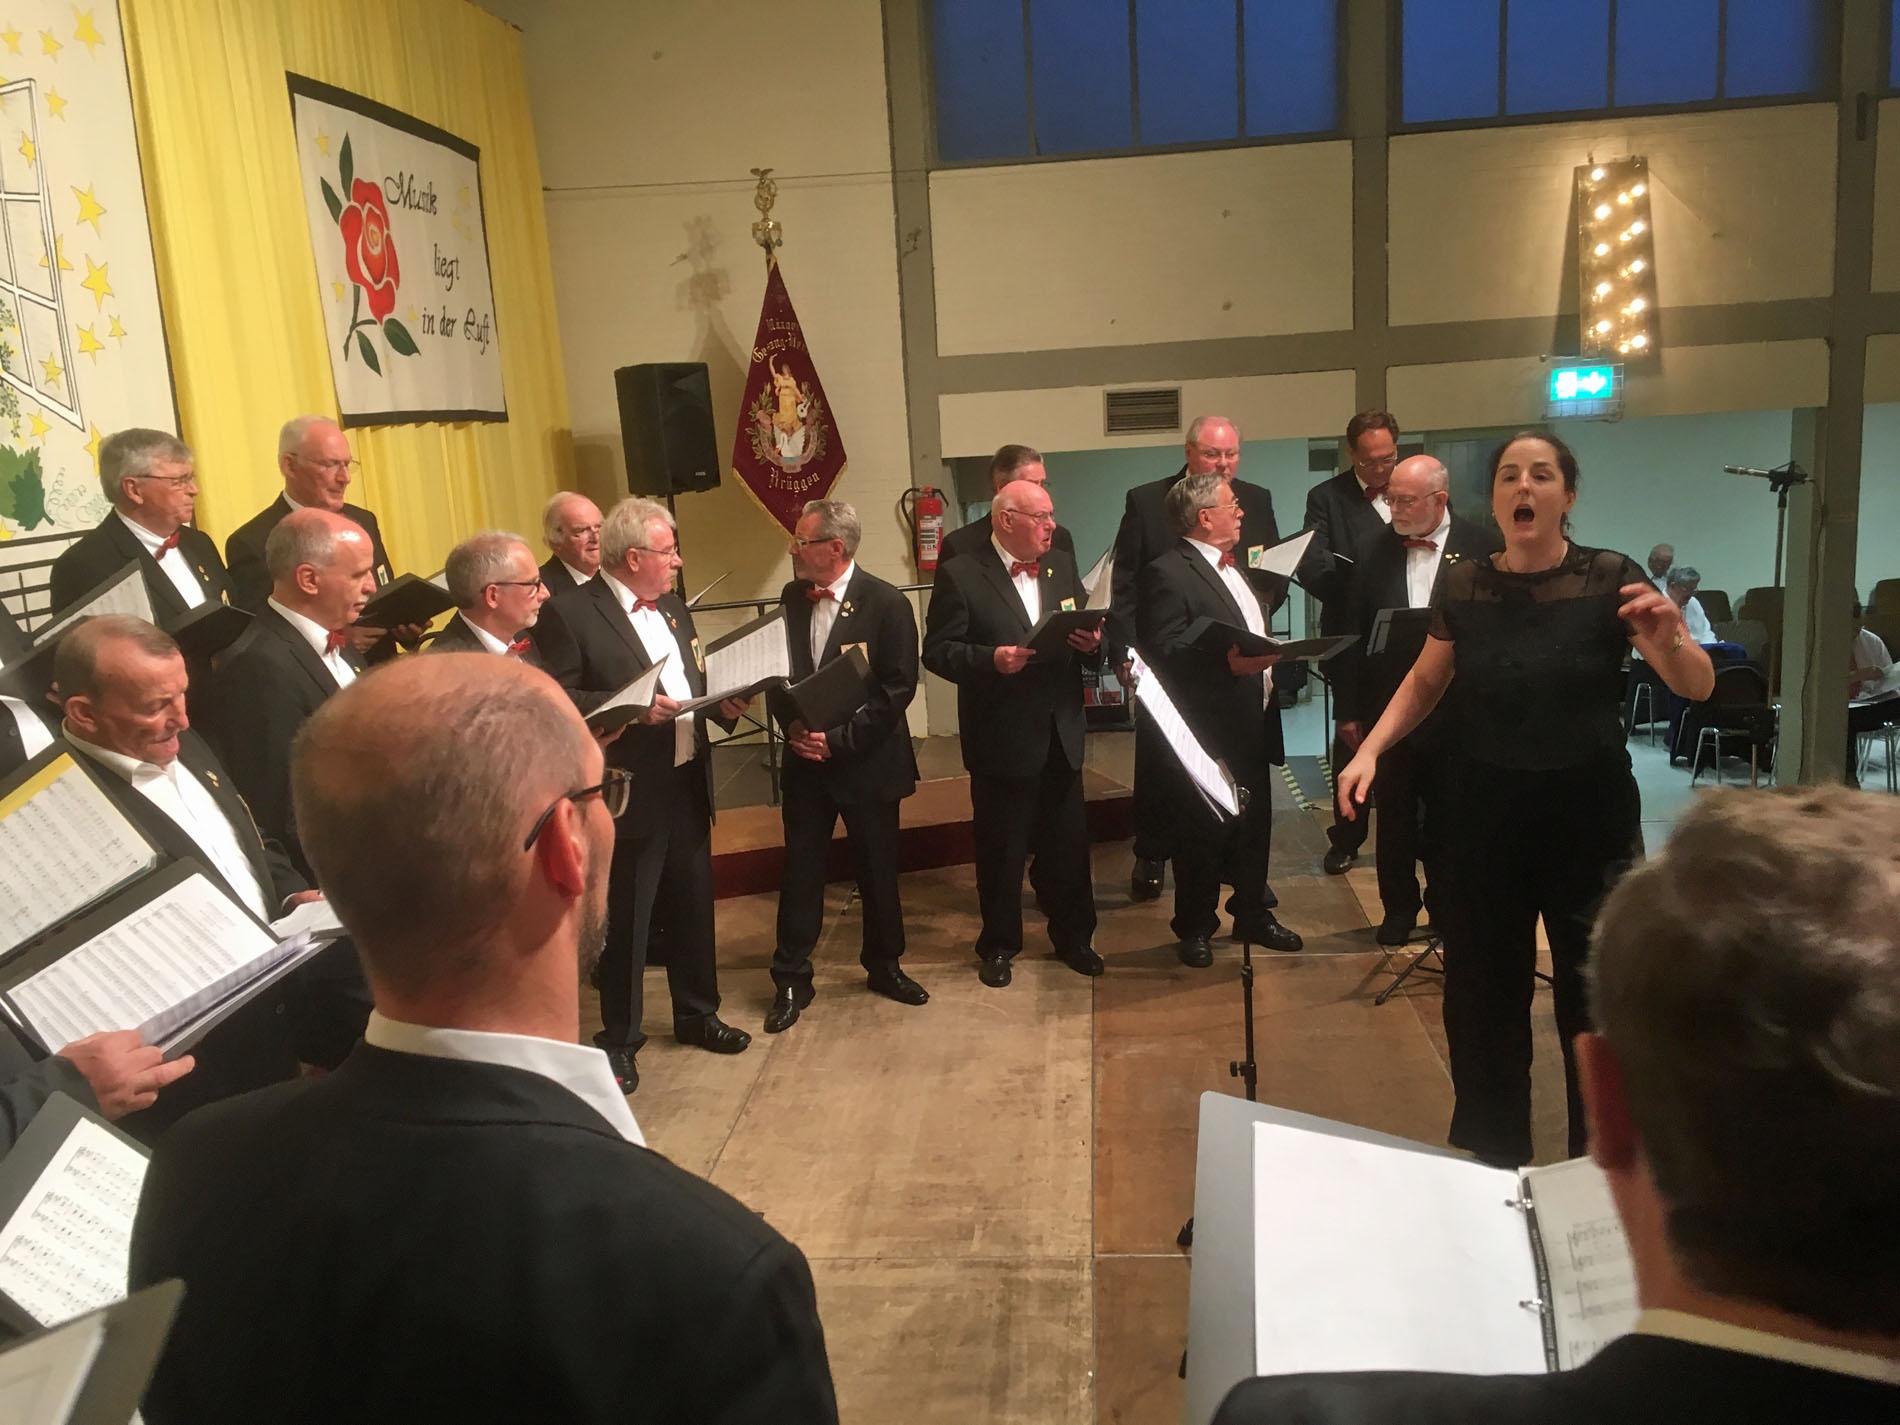 Schon beim Einsingen freute sich der Quartettverein mit Chorleiterin Daniela Bosenius auf den Gastauftritt beim Konzert der Sangesfreunde vom MGV Brüggen. (Fotos: Willi Schlößer)